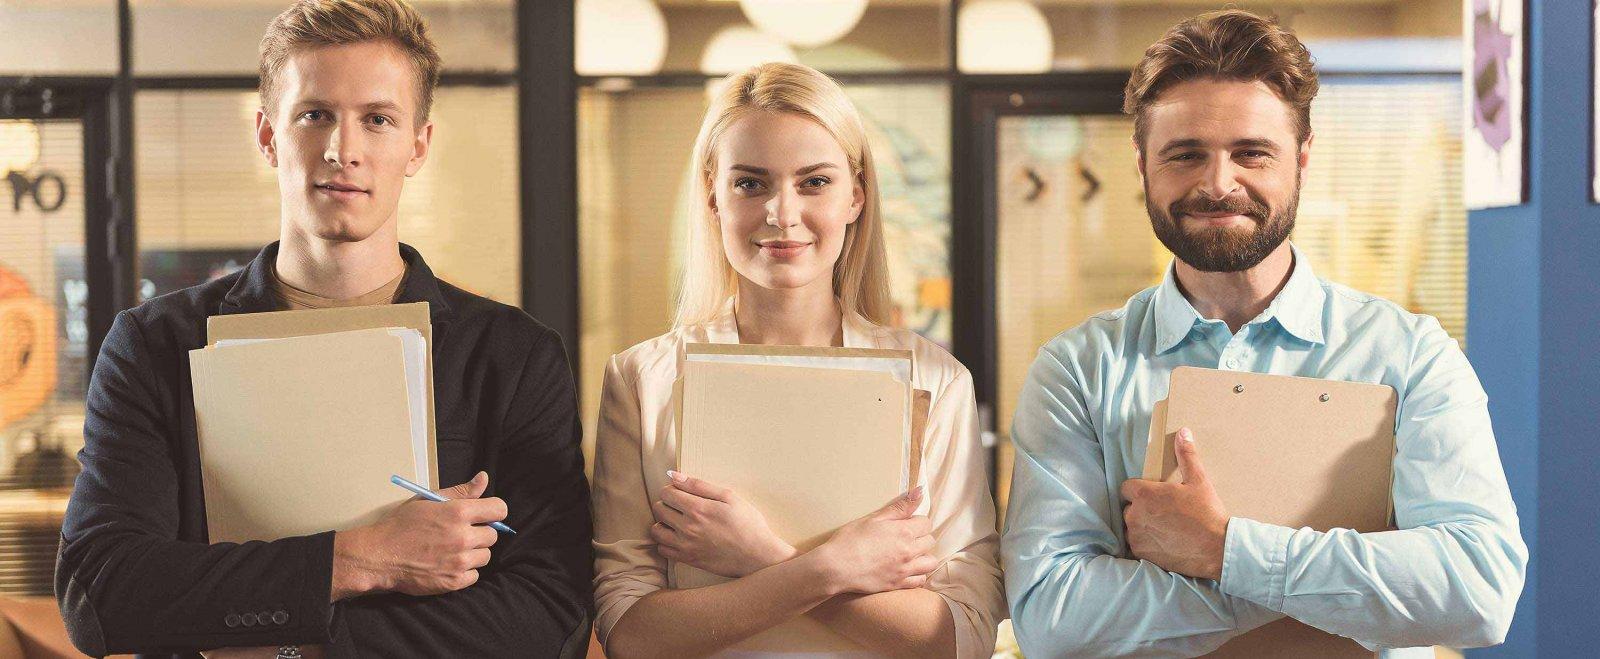 Online-Dating-Beziehung TimelineWie man einen guten Benutzernamen für Online-Dating